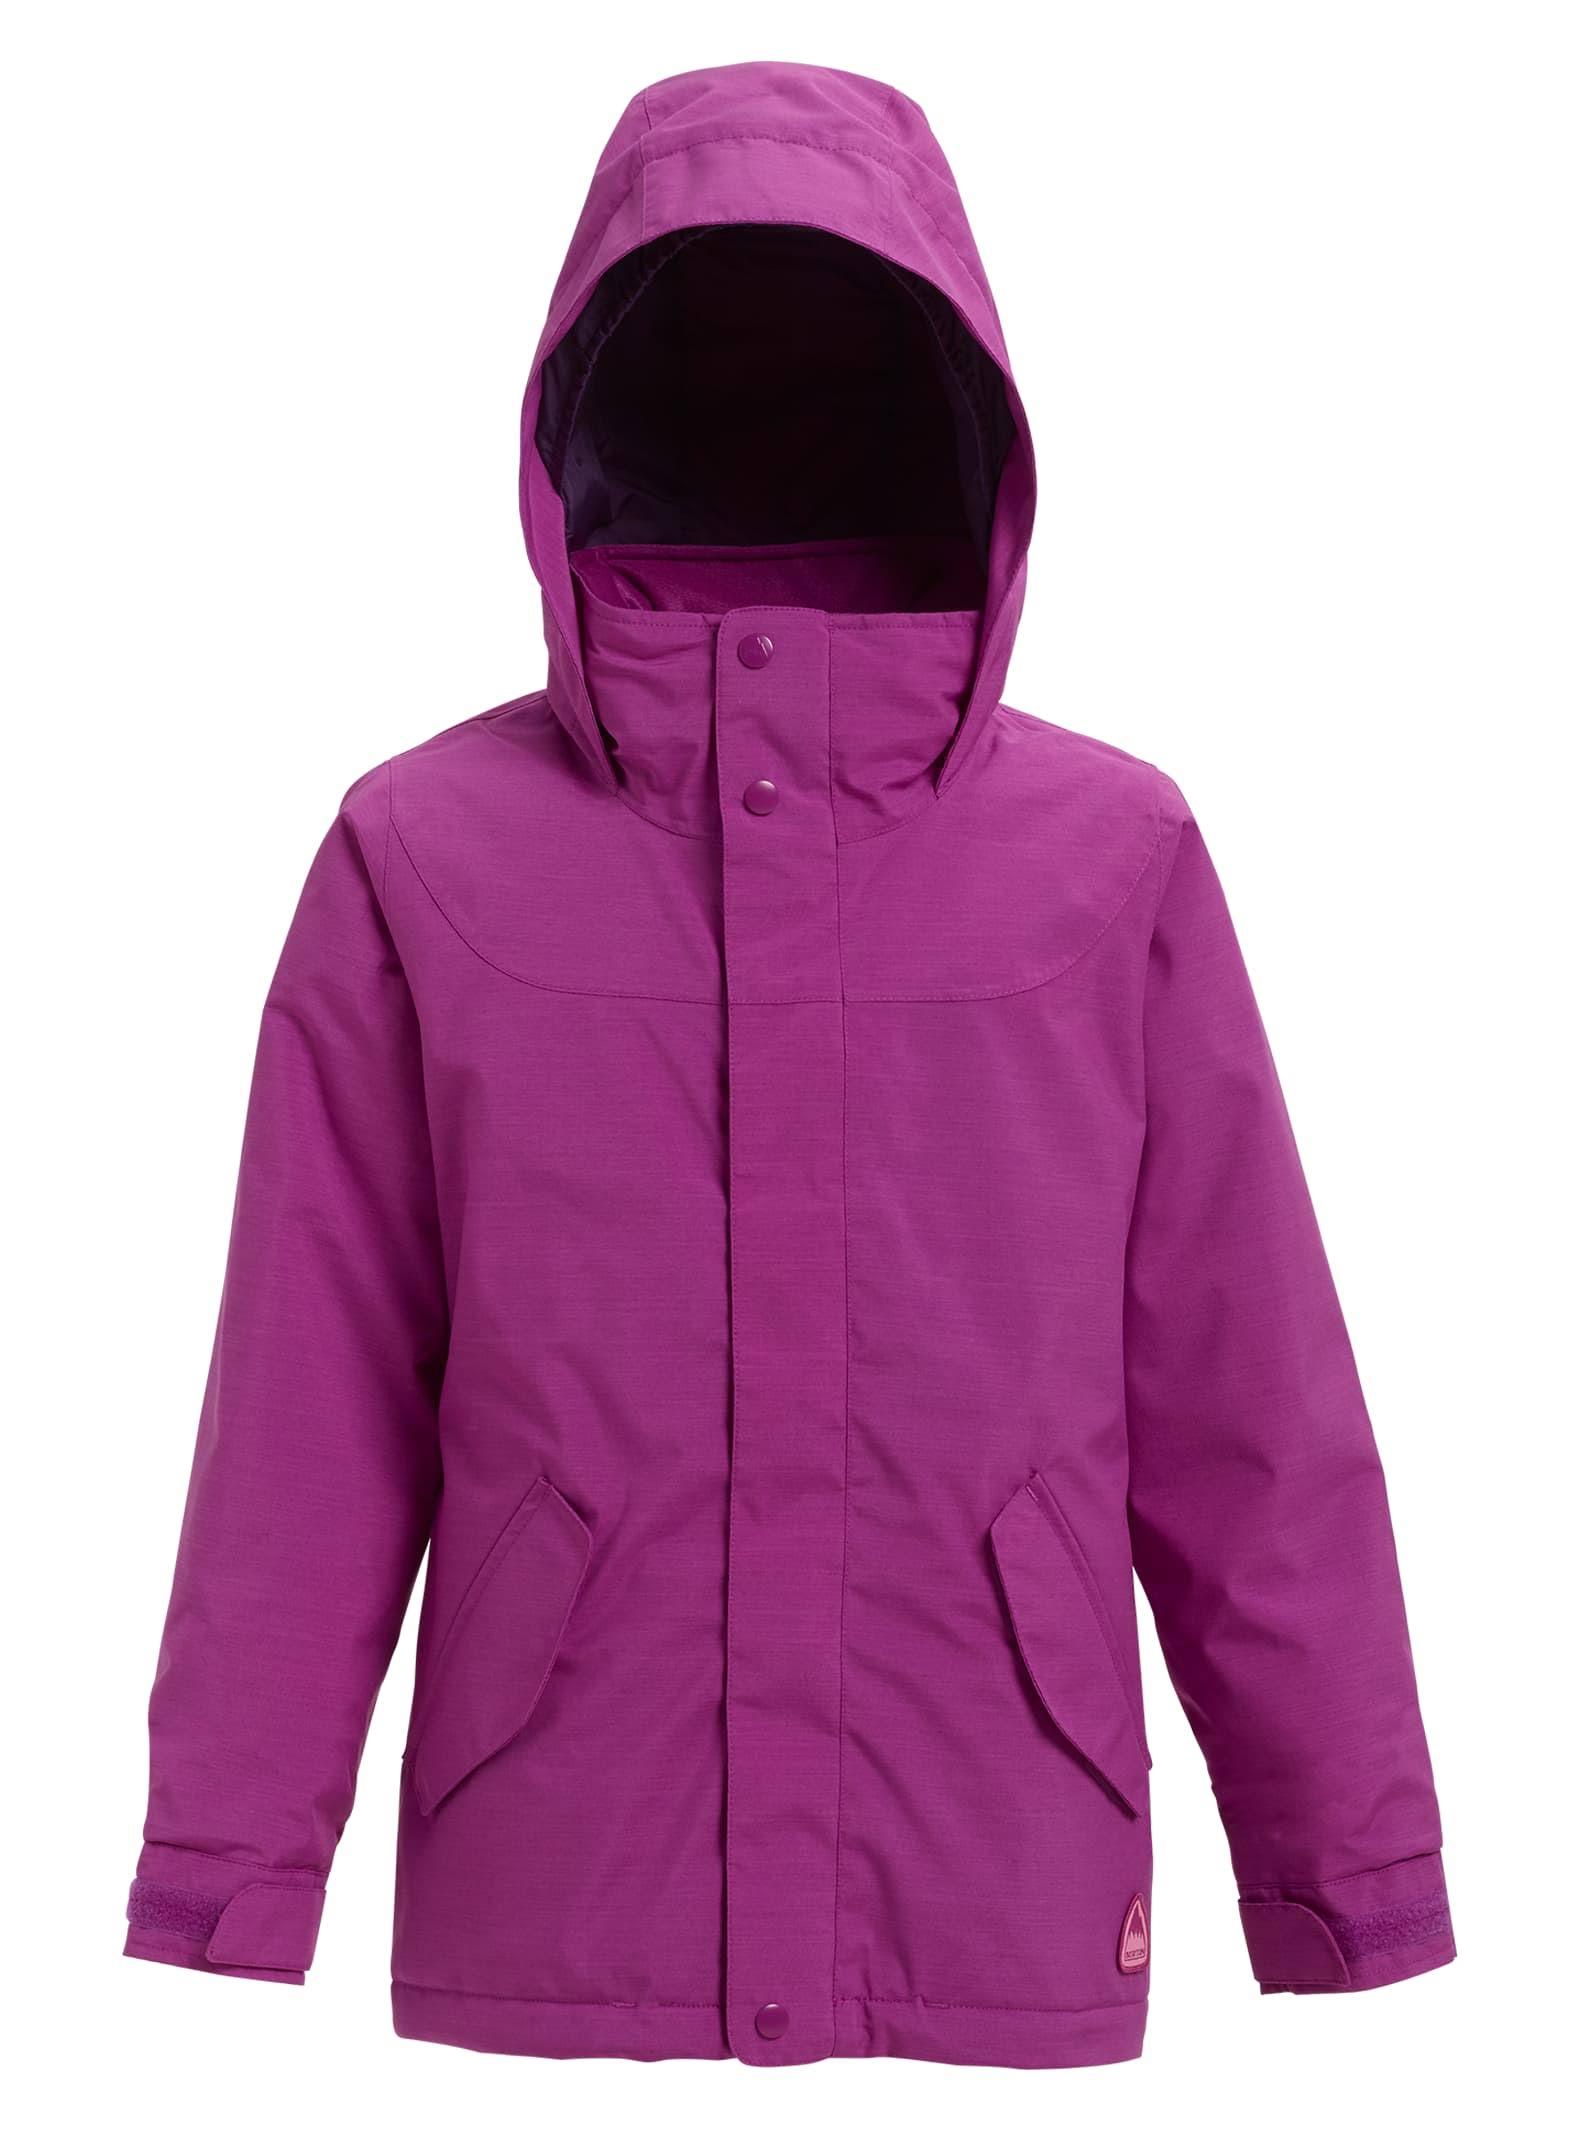 Grapeseed Jacket L Girls Elodie Burton BaqAITn